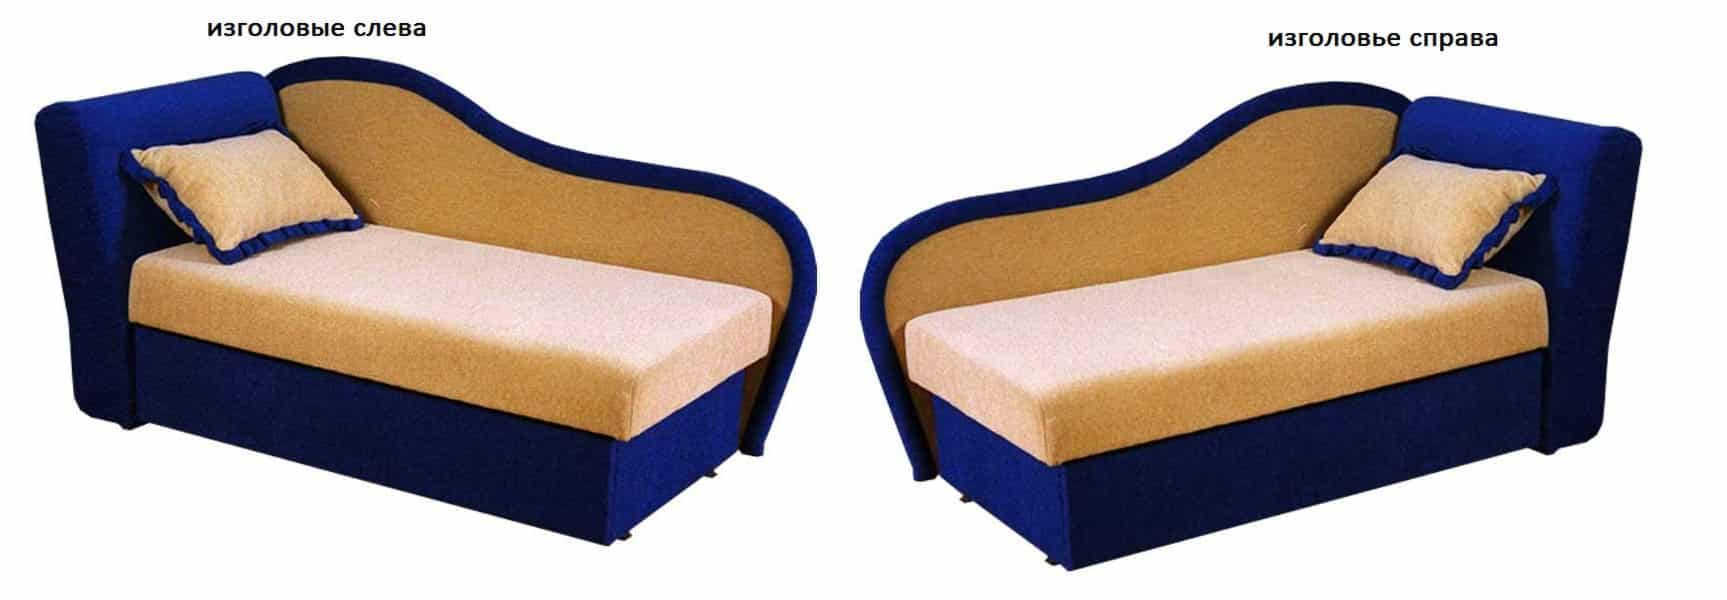 Детский диван Антошка левый или правый